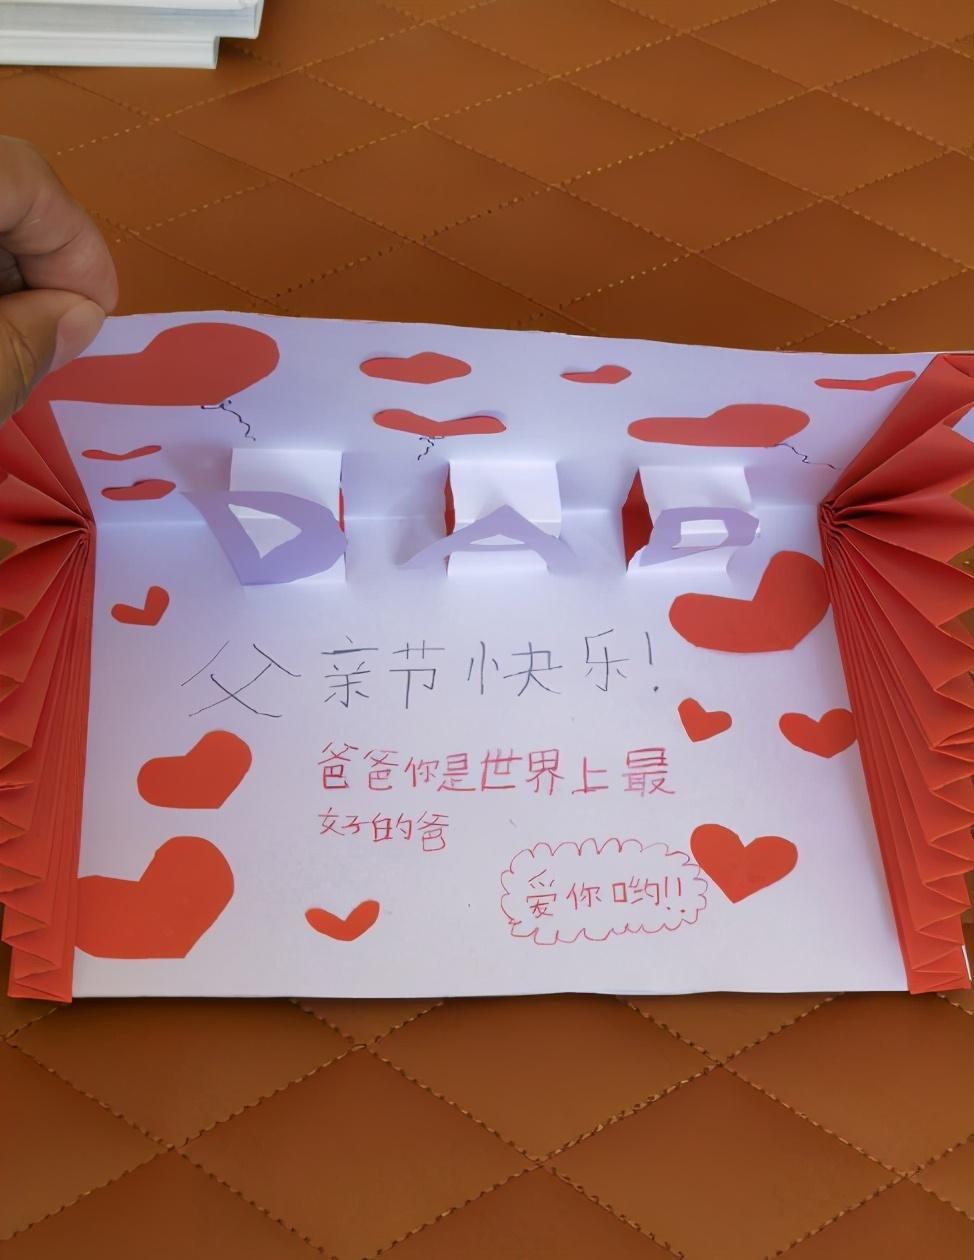 田亮晒父亲节礼物,森碟用彩纸折衬衫给爸爸表白:世界上最好的爸